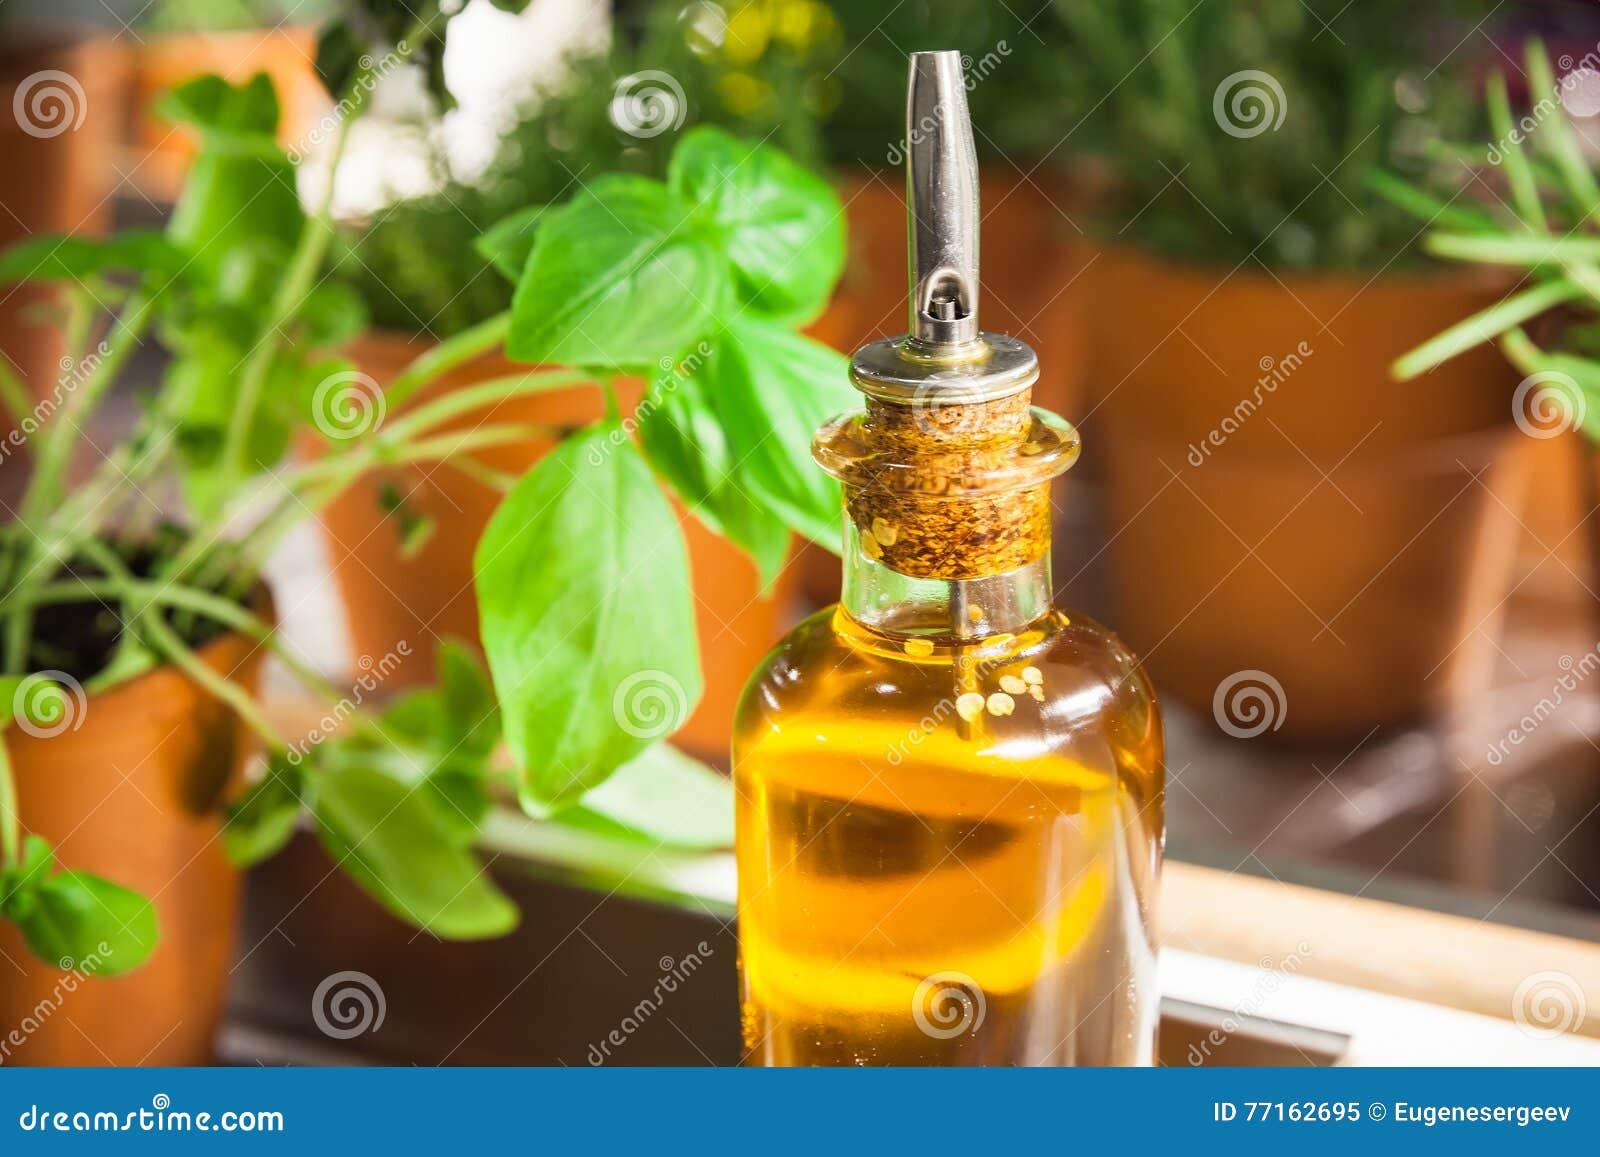 Basilic vert en pot et huile d olive dans la bouteille en verre